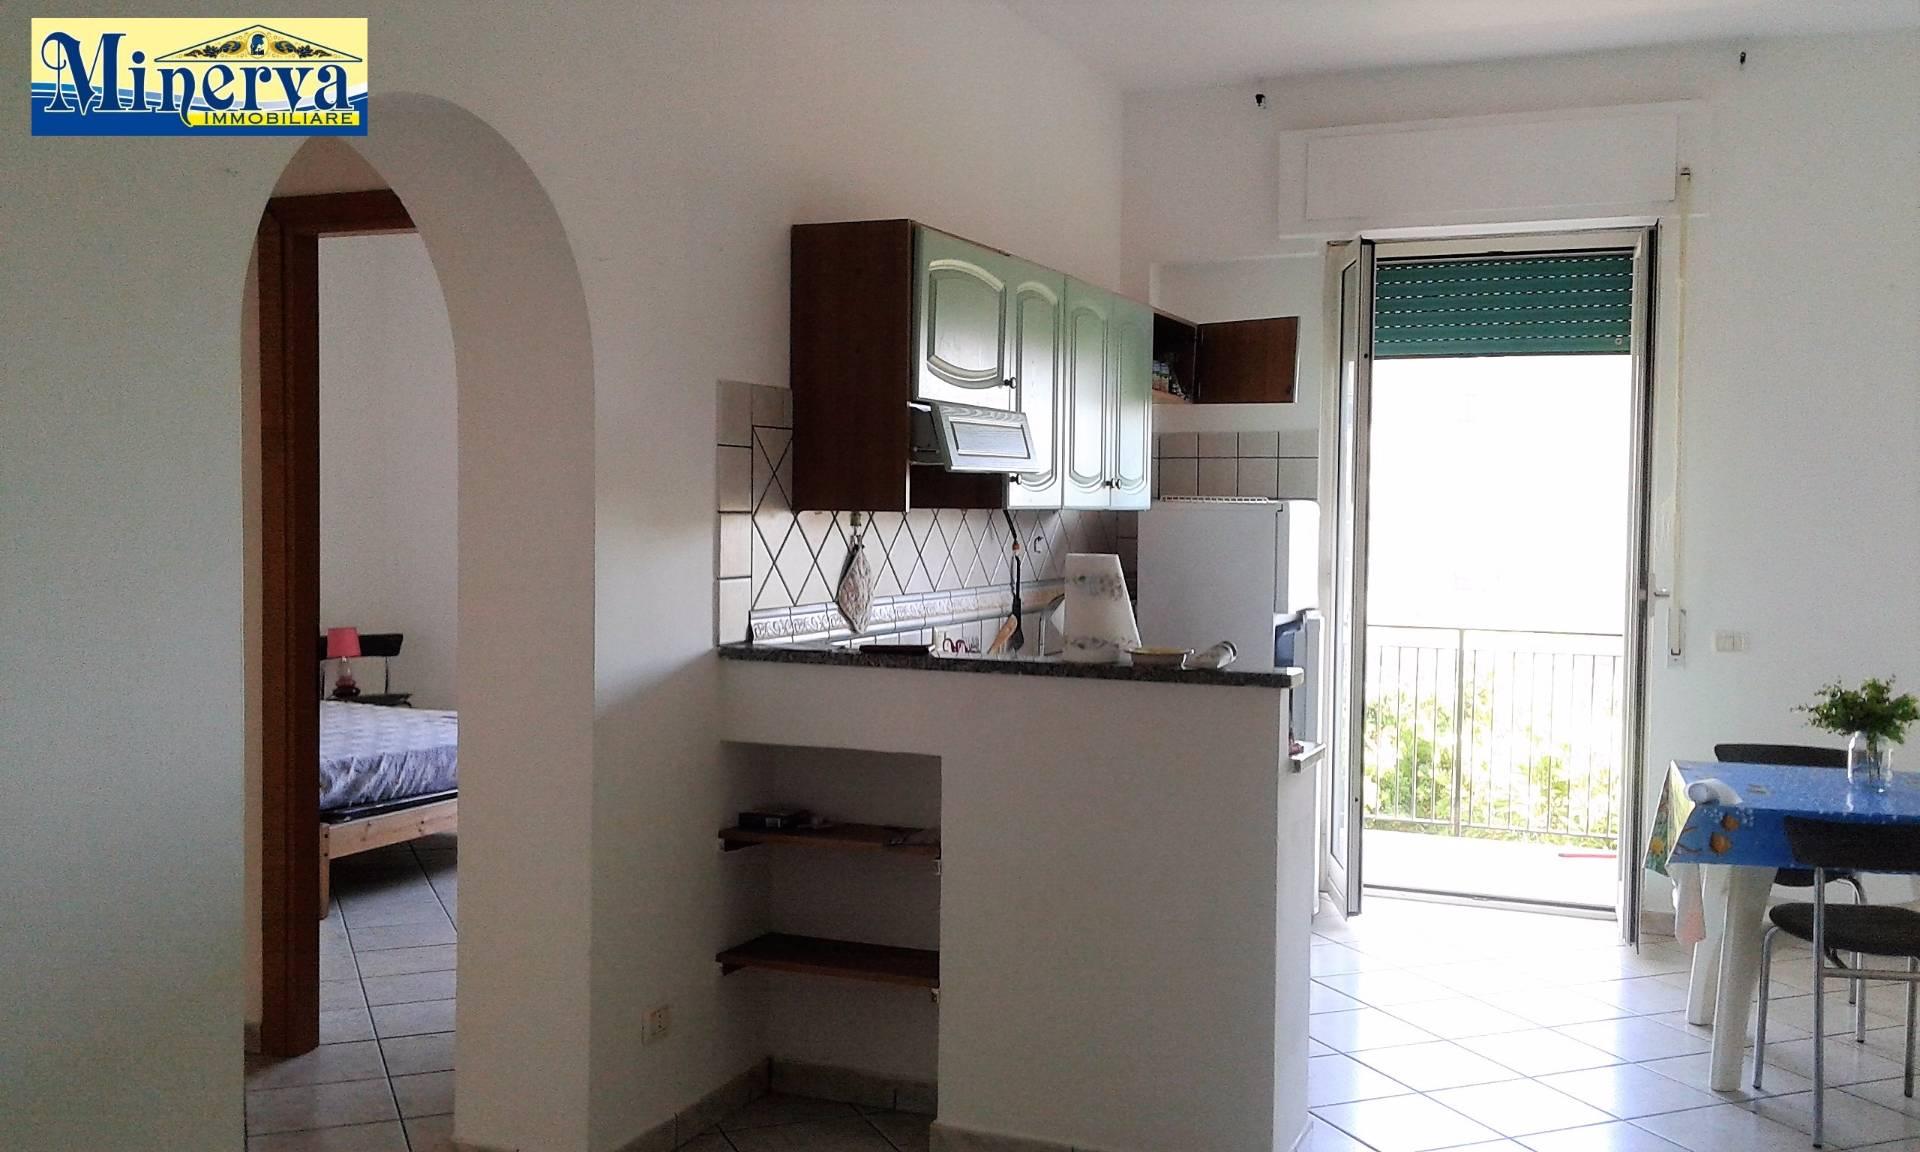 Appartamento in vendita a Anzio, 3 locali, zona Località: LavinioLidodiEnea, prezzo € 89.000 | Cambio Casa.it